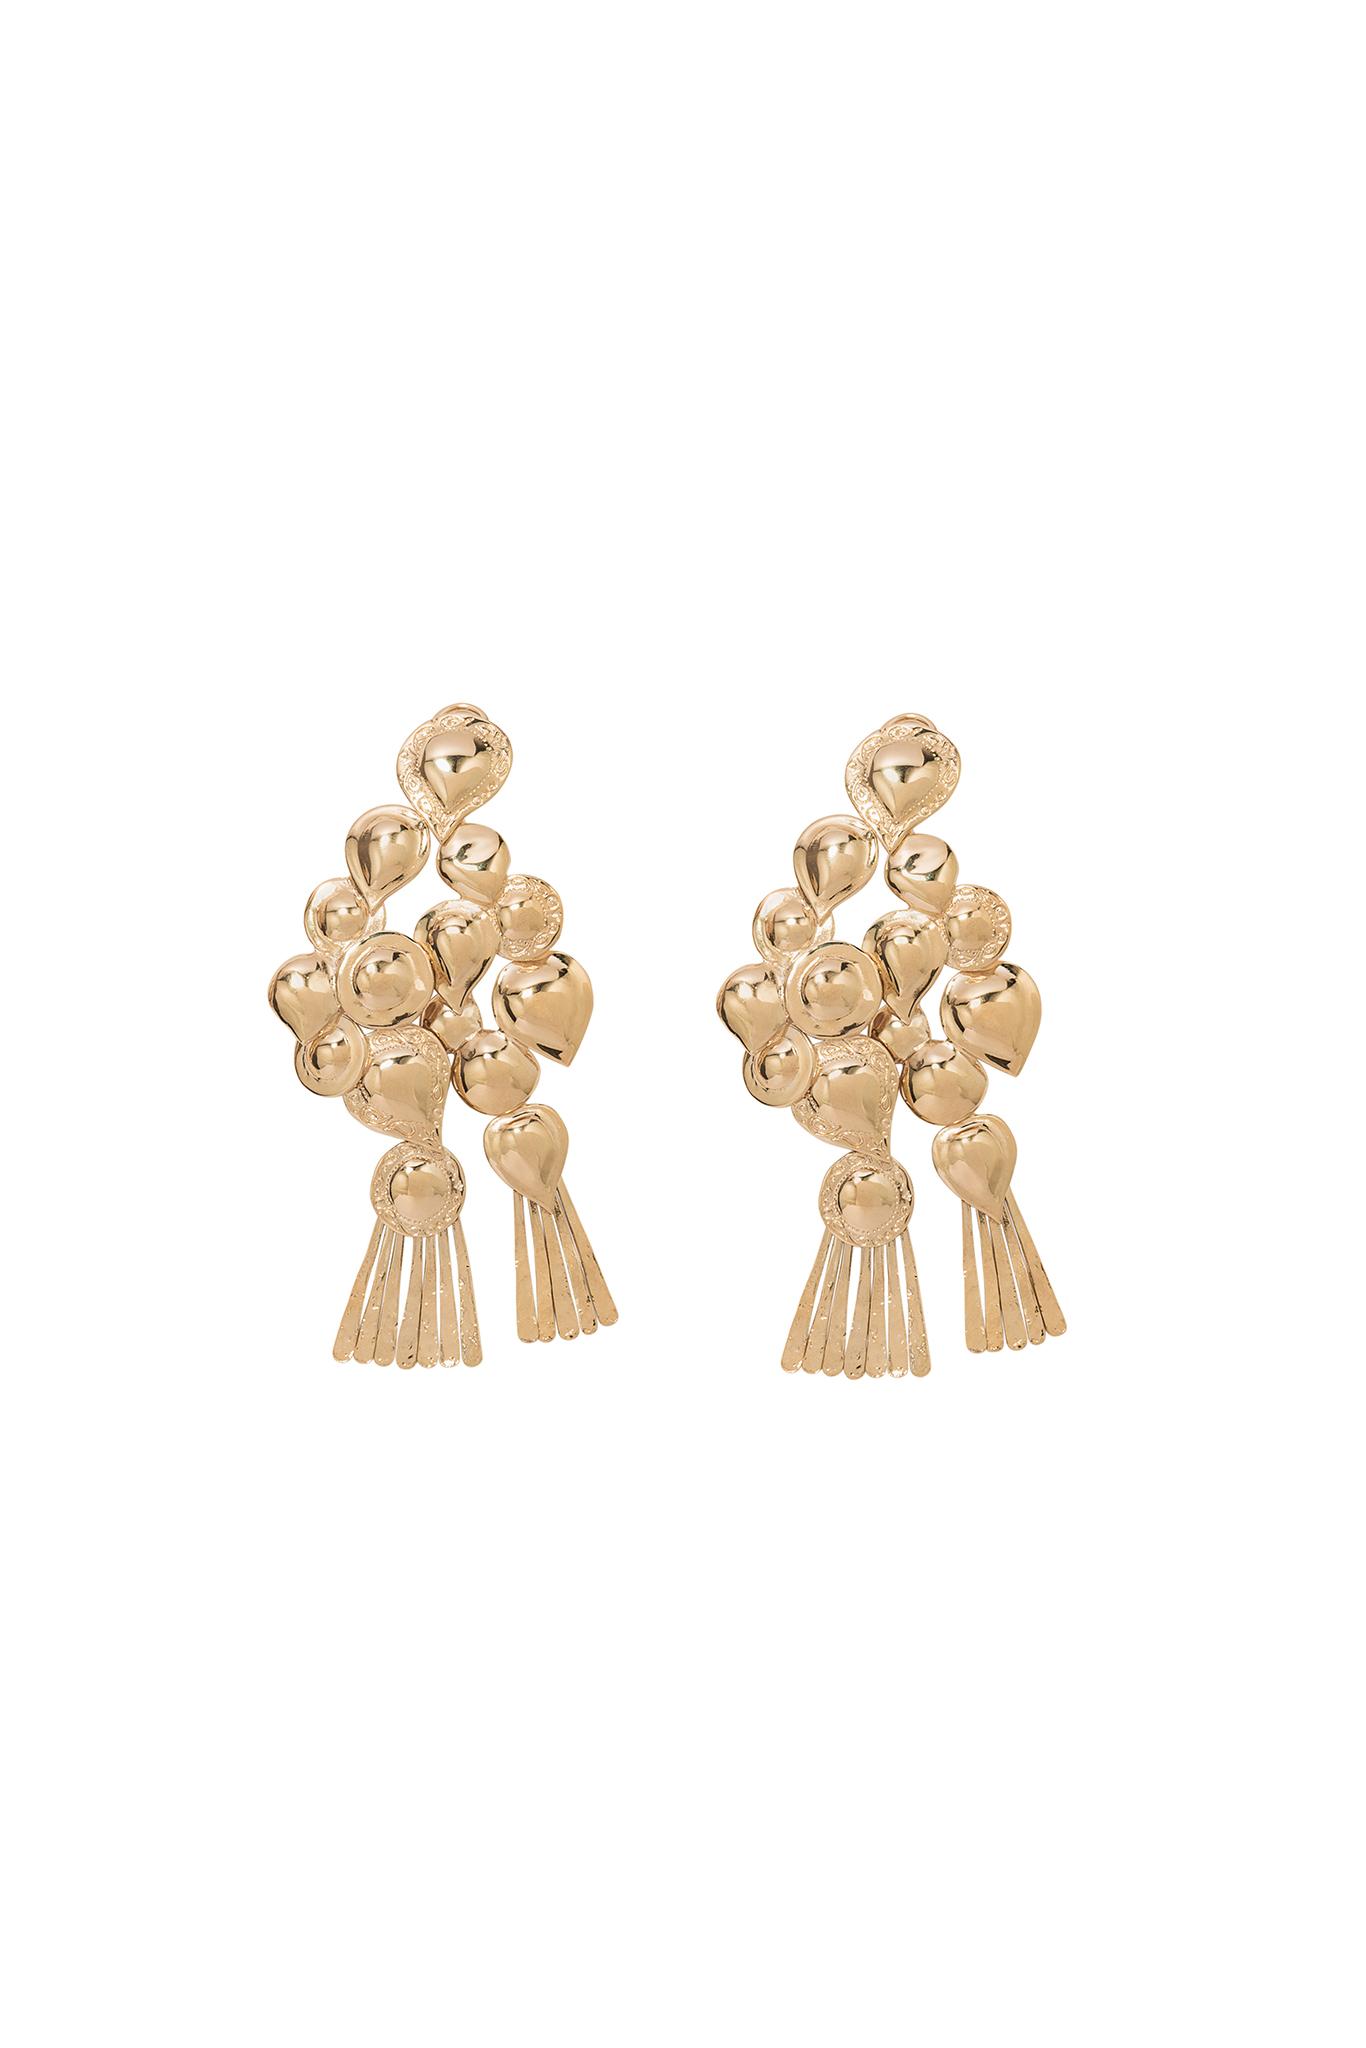 02-05-statement-earrings.jpg